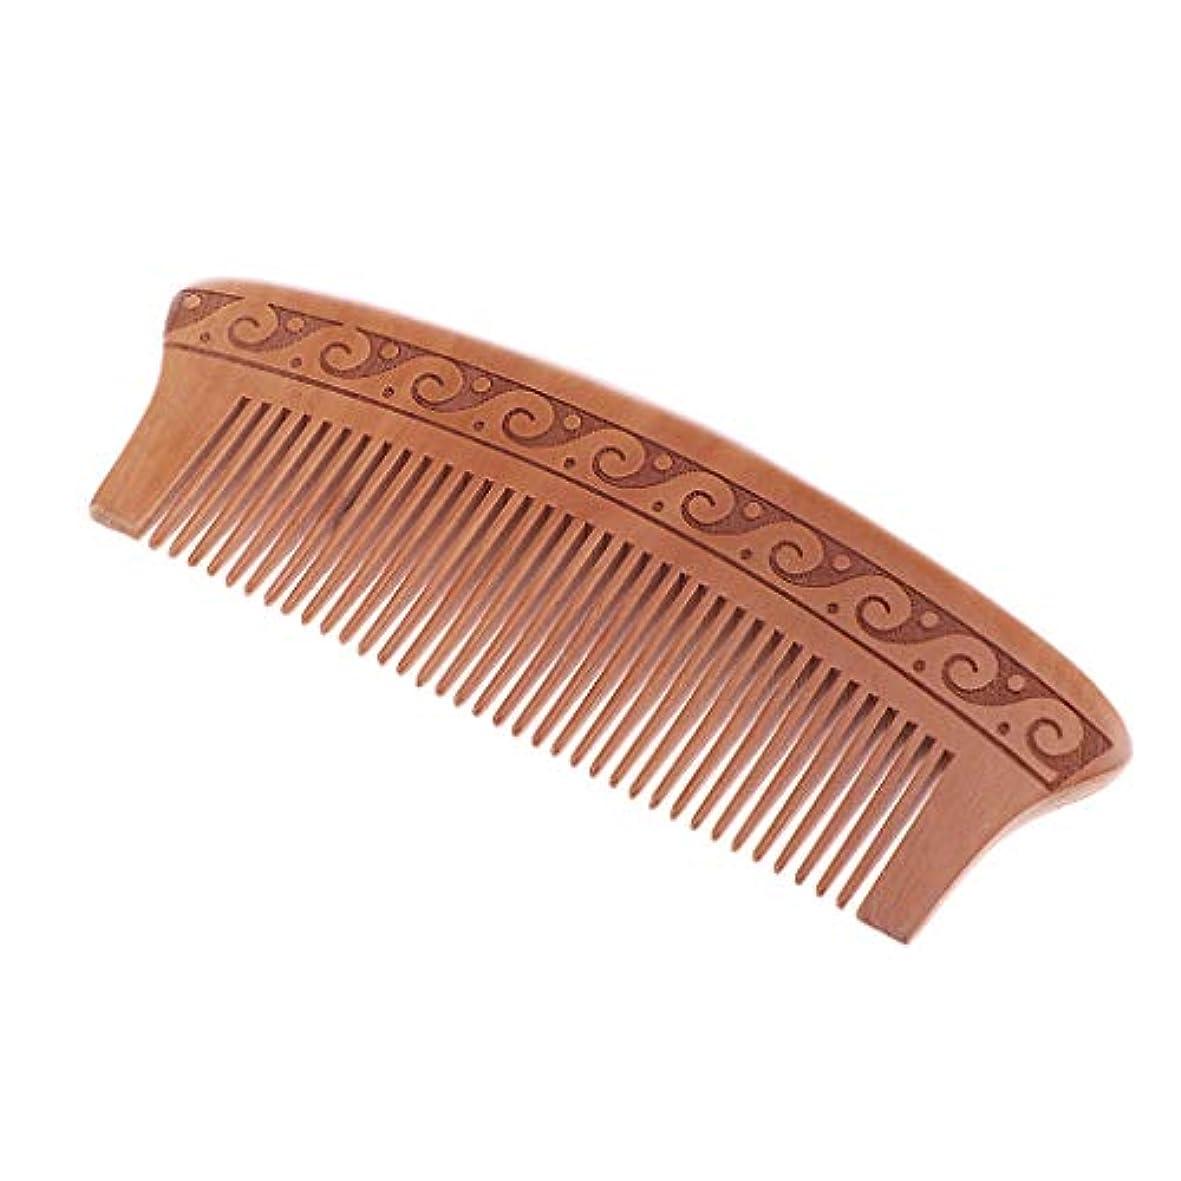 ジャングルインサート入力ウッドワイドの歯静電気防止マホガニー櫛頭マッサージ木製の櫛 - J16d